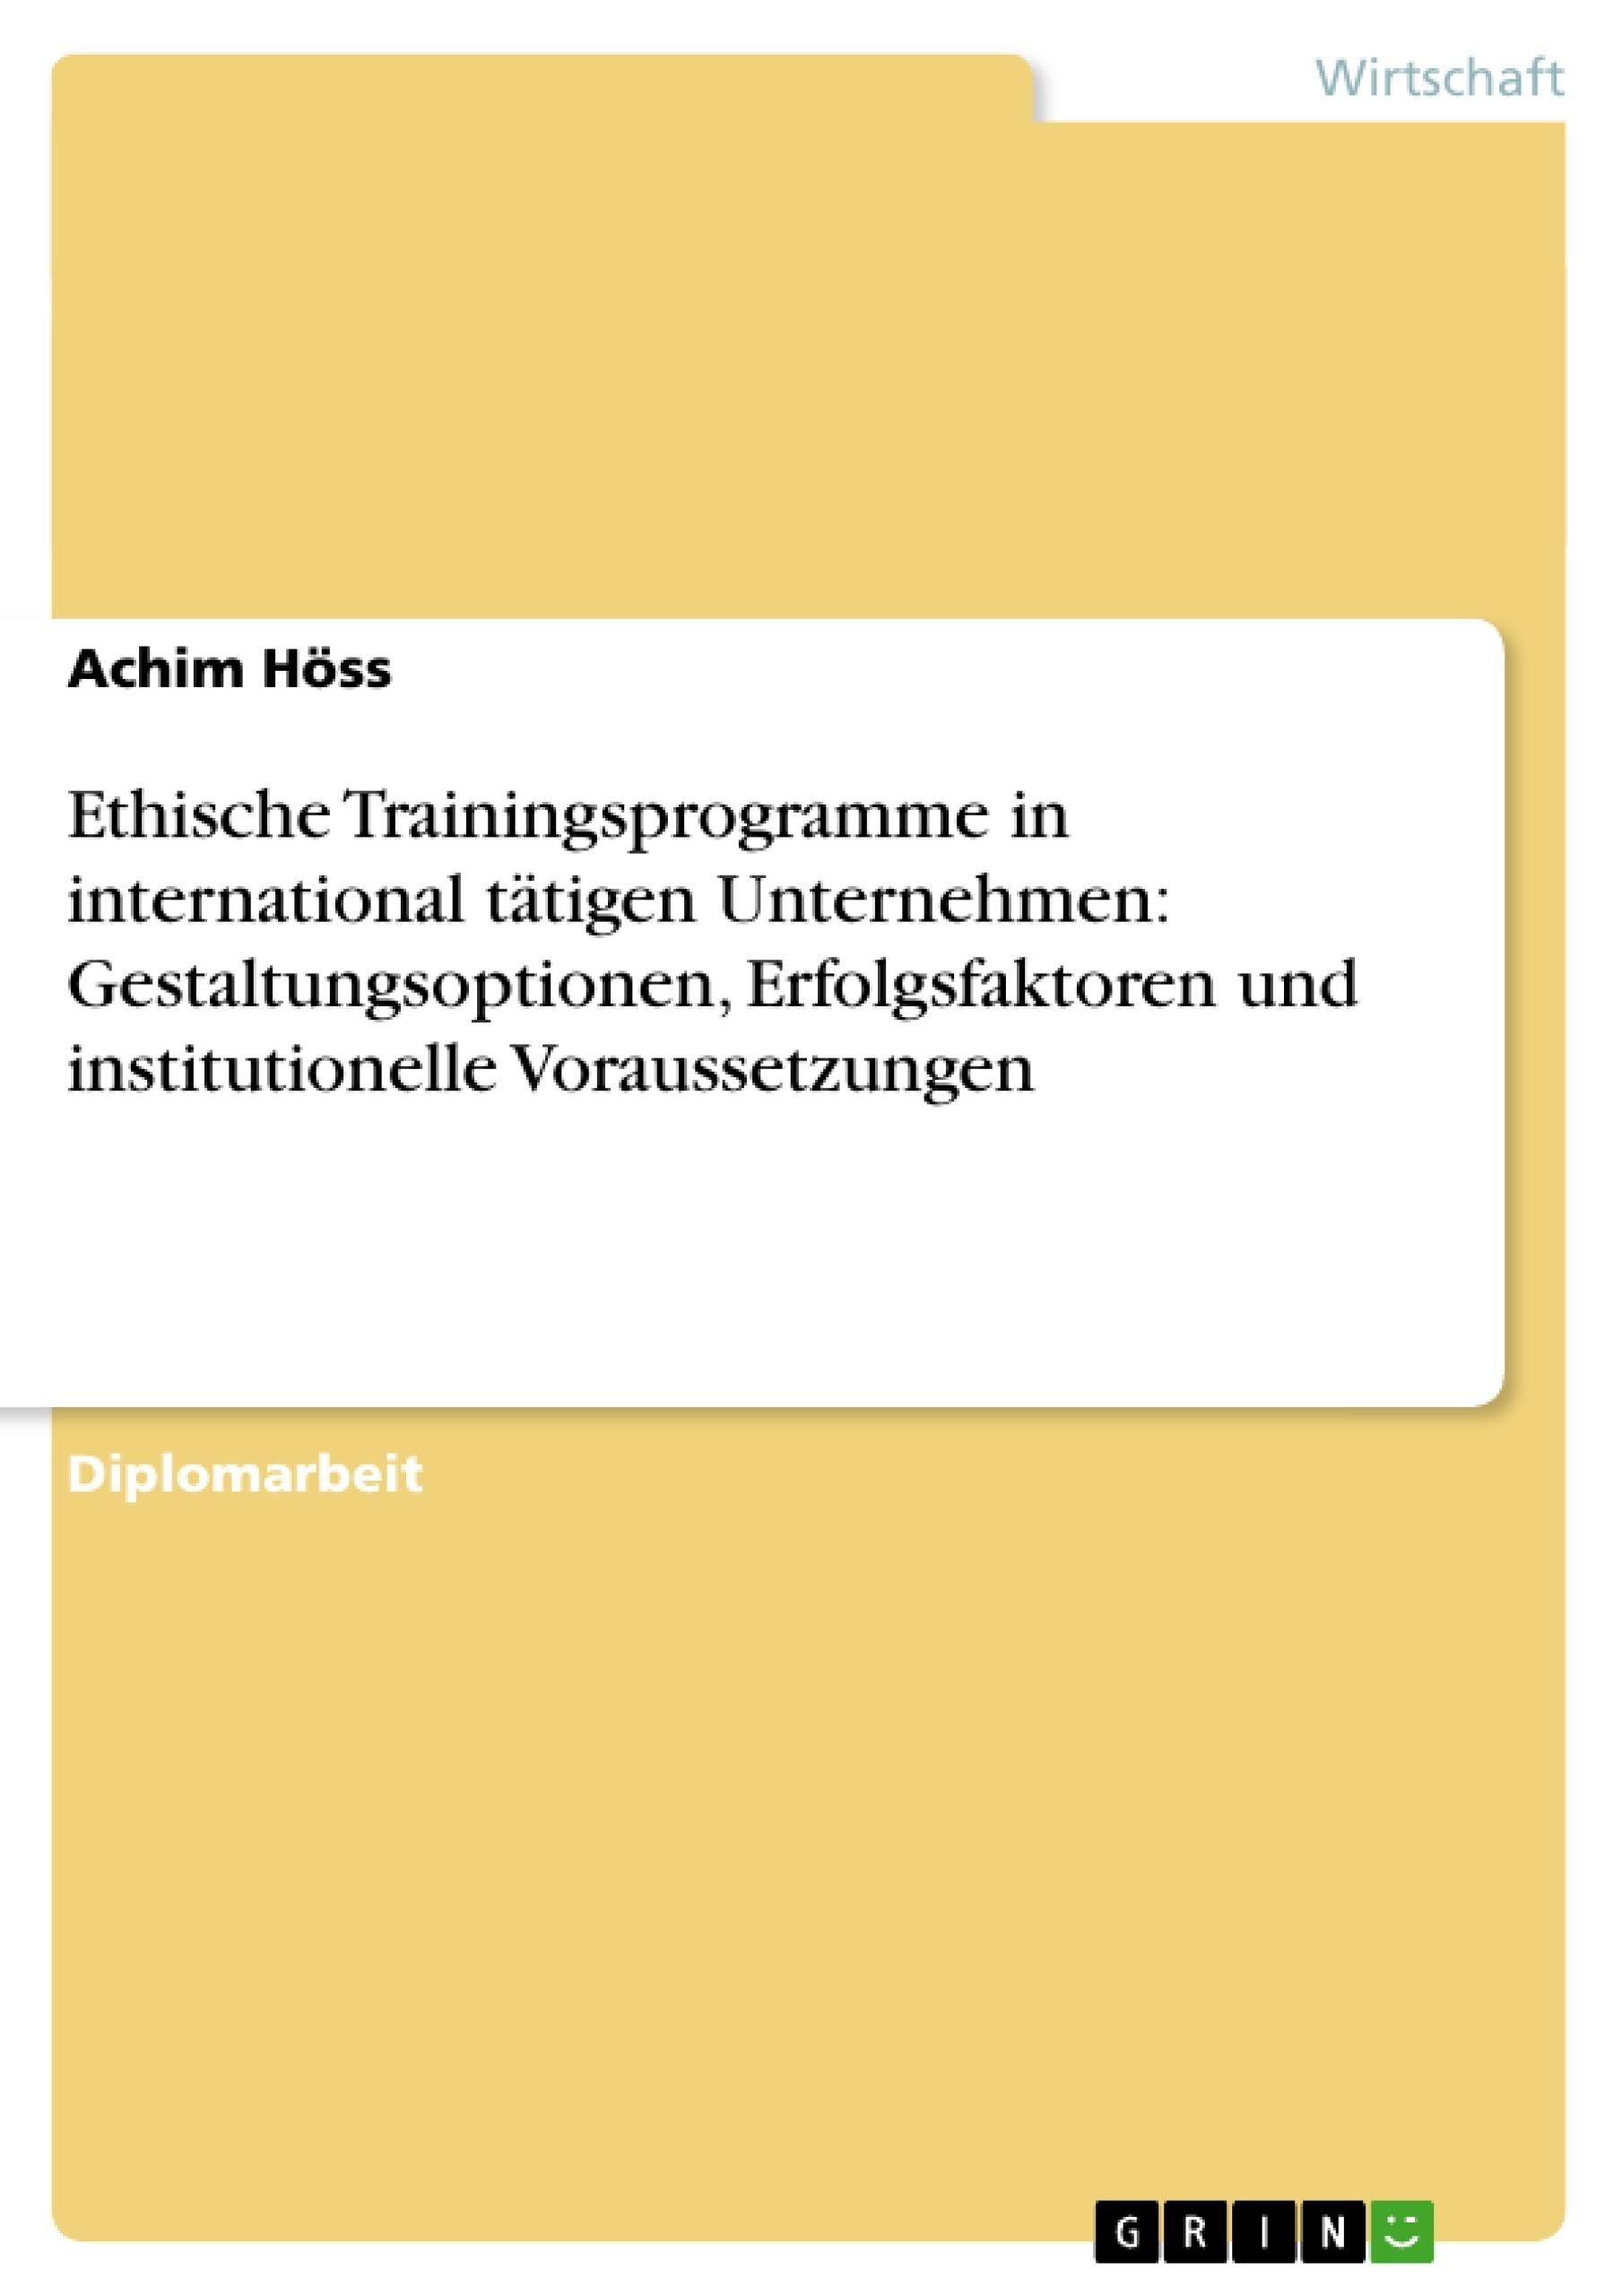 Titel: Ethische Trainingsprogramme in international tätigen Unternehmen: Gestaltungsoptionen, Erfolgsfaktoren und institutionelle Voraussetzungen